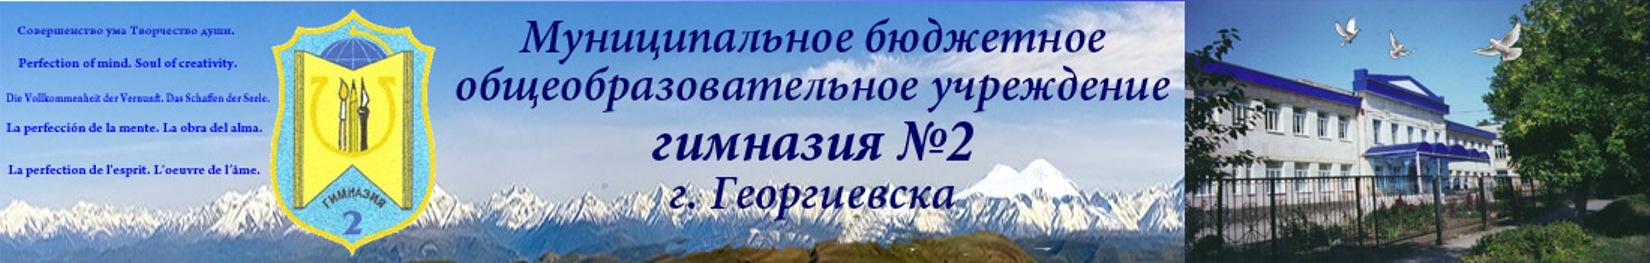 Официальный сайт муниципального бюджетного общеобразовательного учреждения гимназии № 2 города Георгиевска